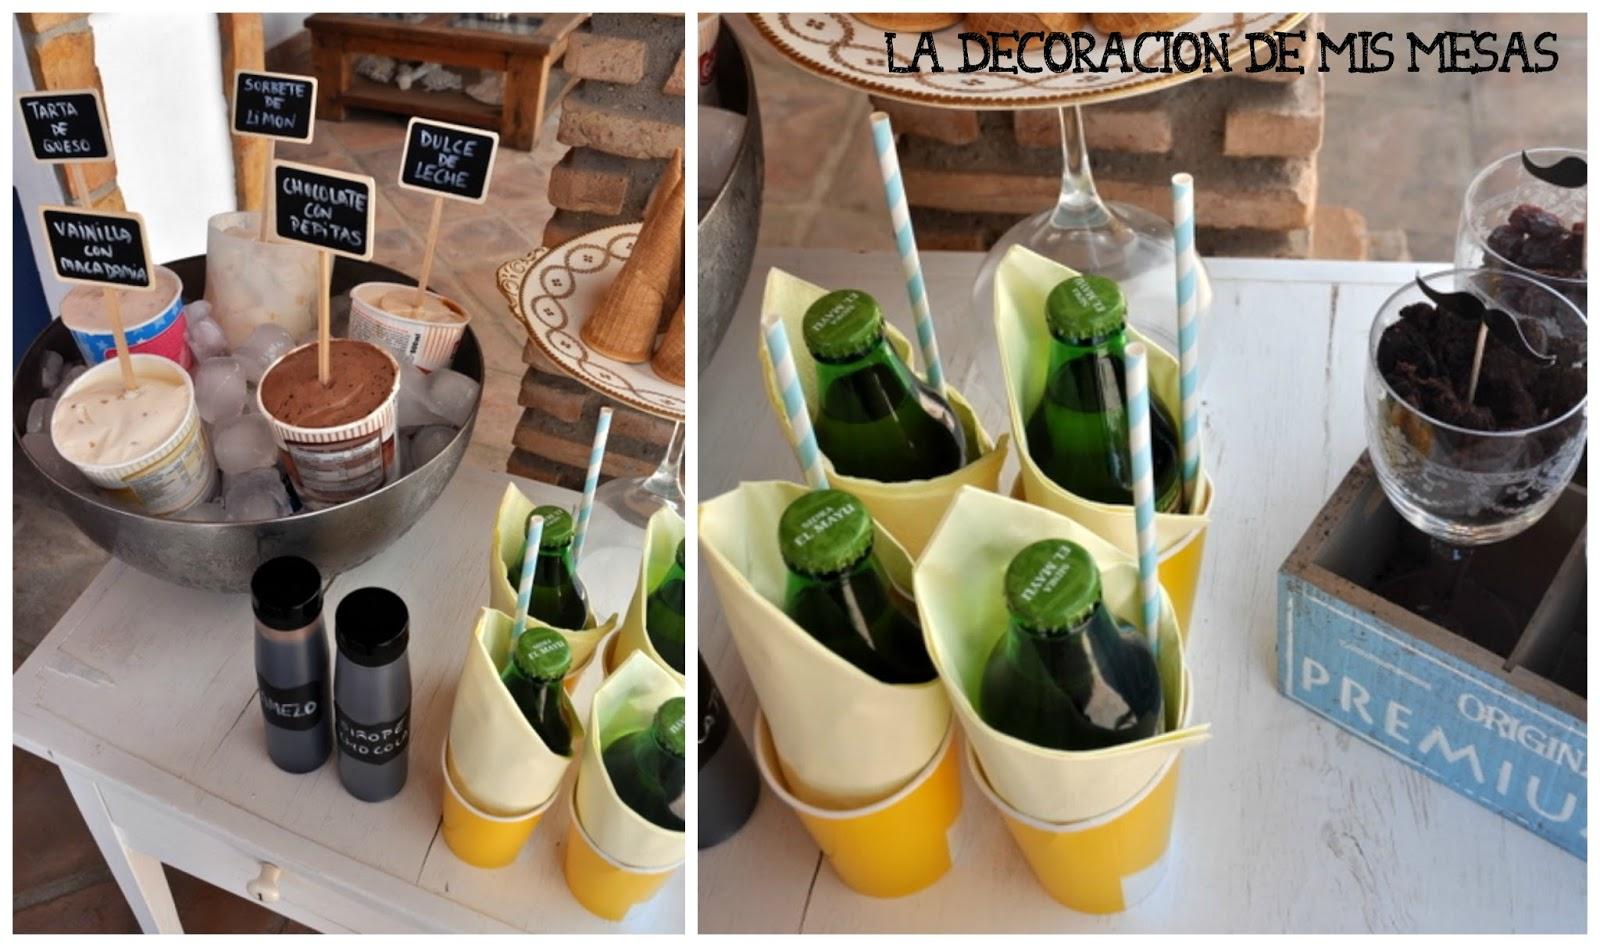 La decoraci n de mis mesas julio 2014 - Decoracion de helados ...